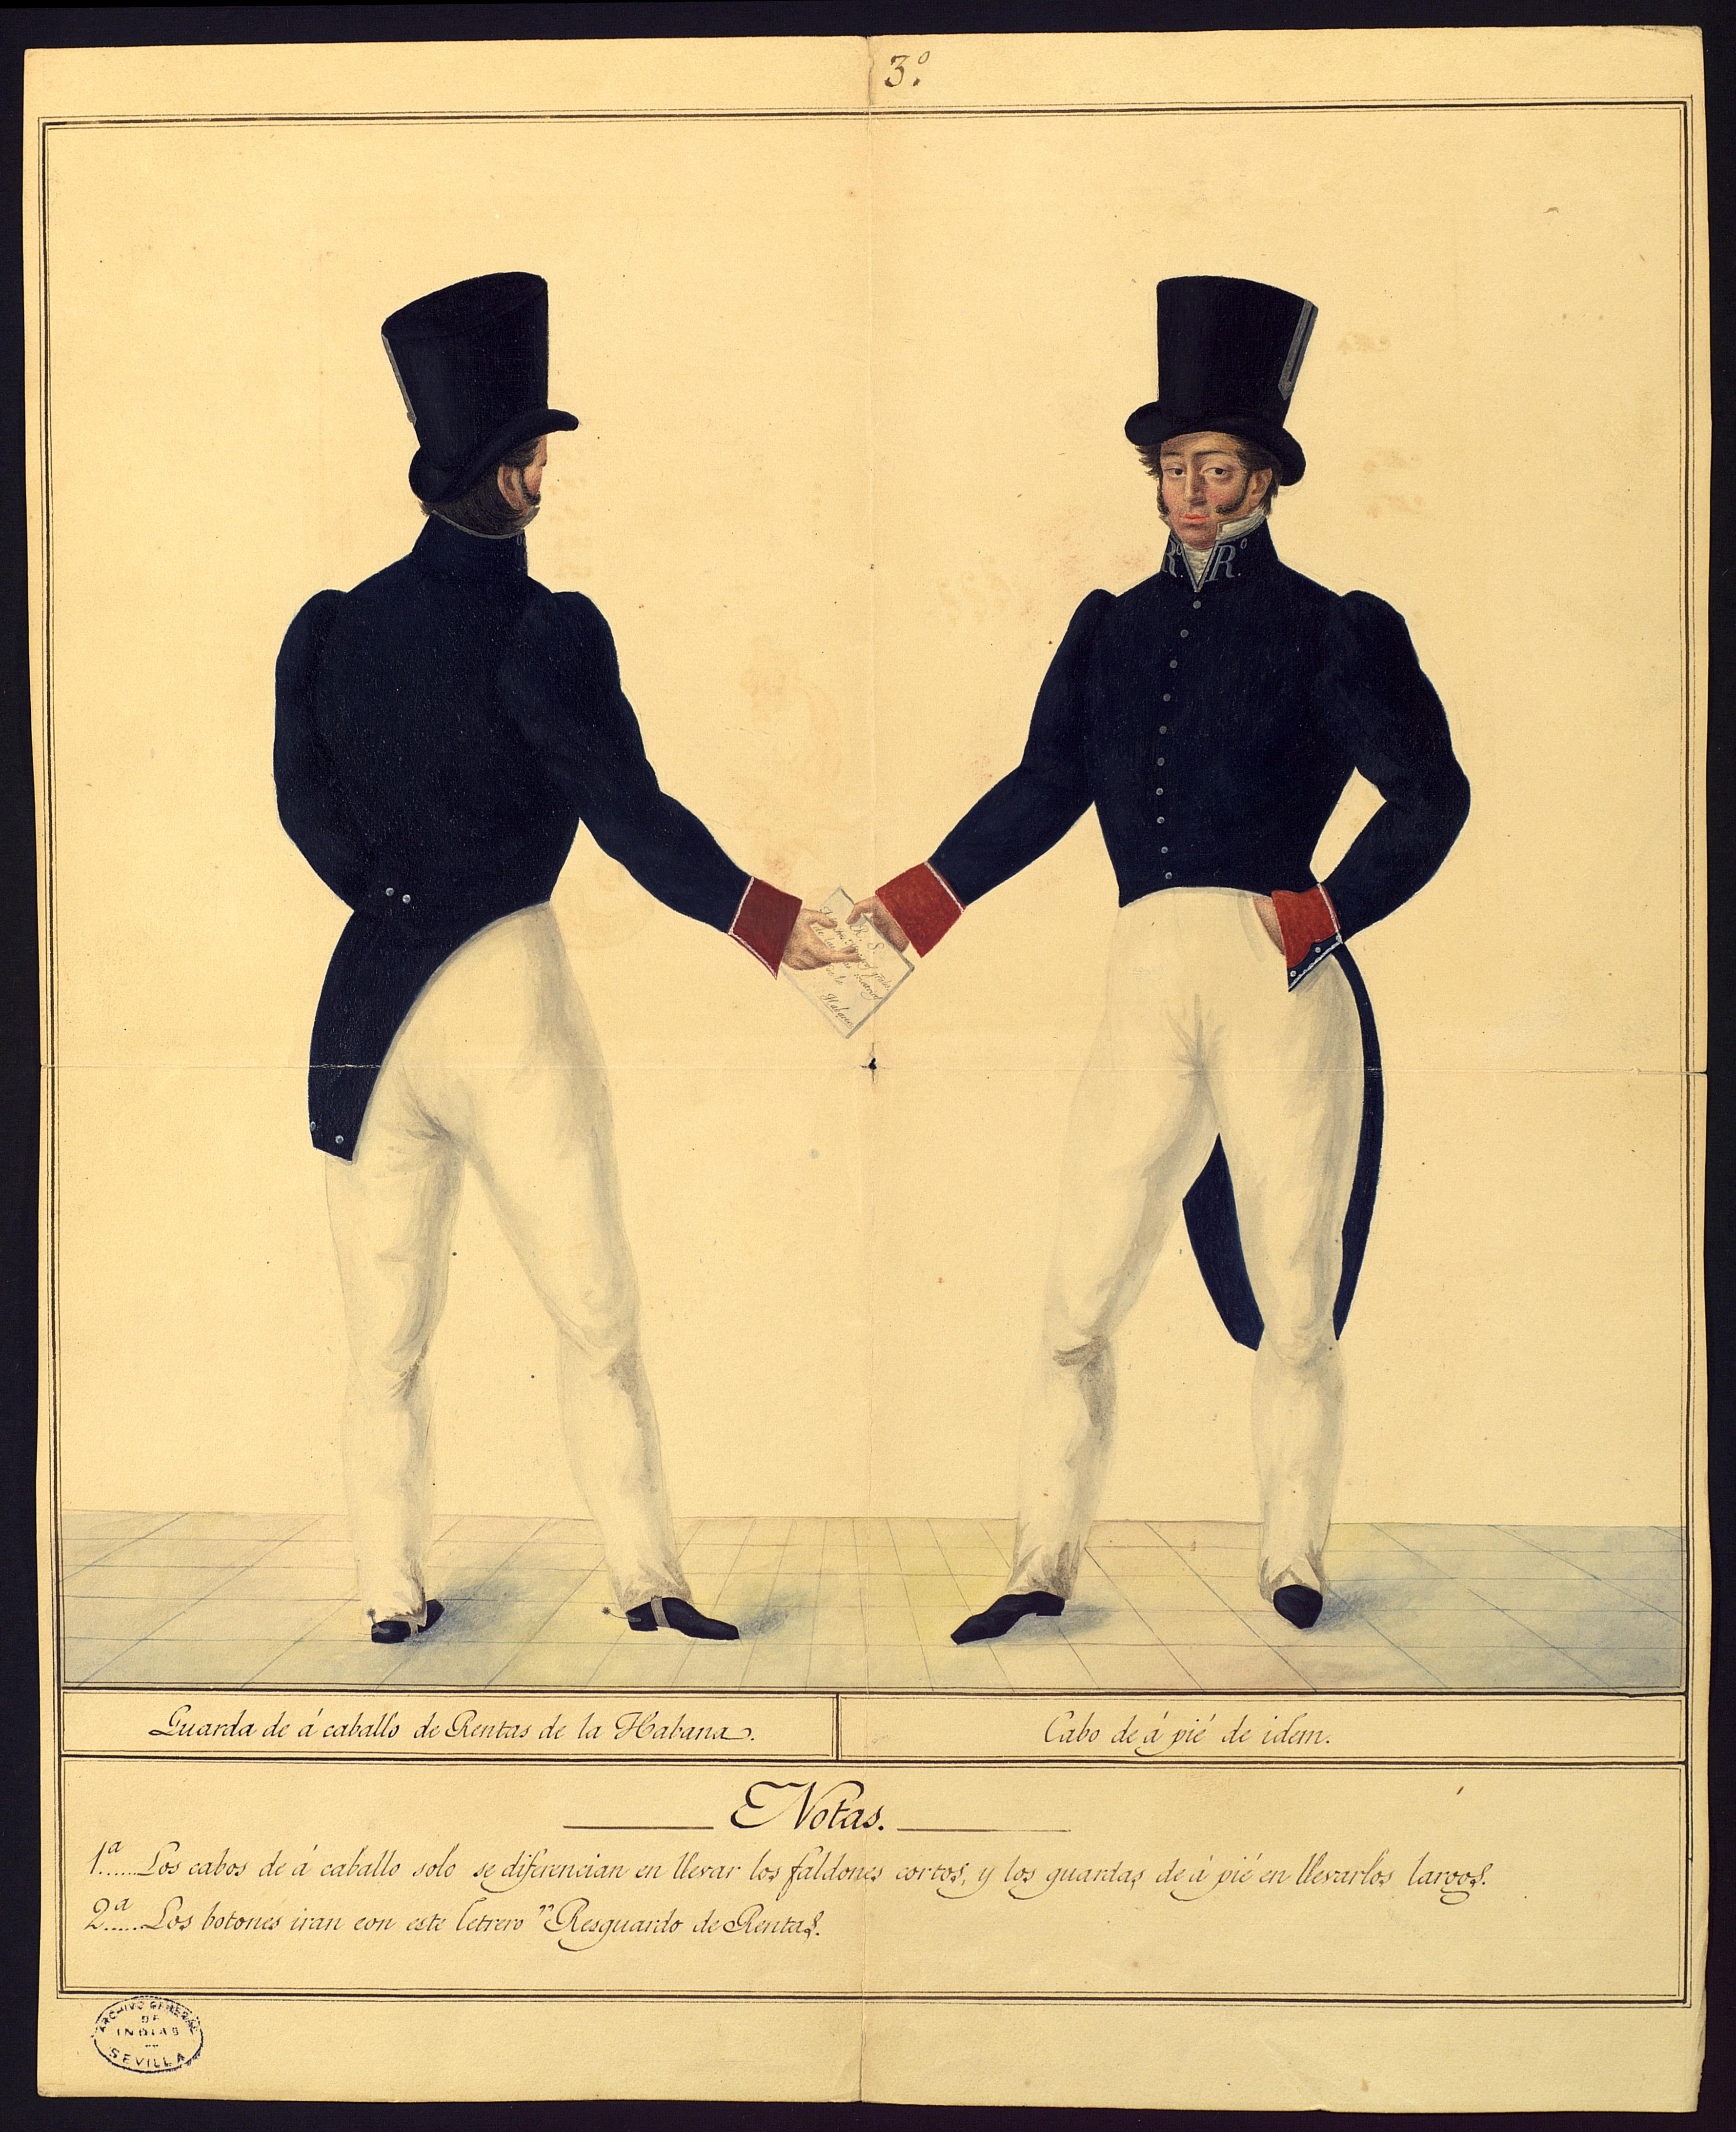 Dos guardas, uno a caballo y otro de a pie de los oficiales destinados al resguardo de Rentas Reales en La Habana, entregándose un pliego del Real Servicio. La Habana, 1830. MP-Uniformes,43bis